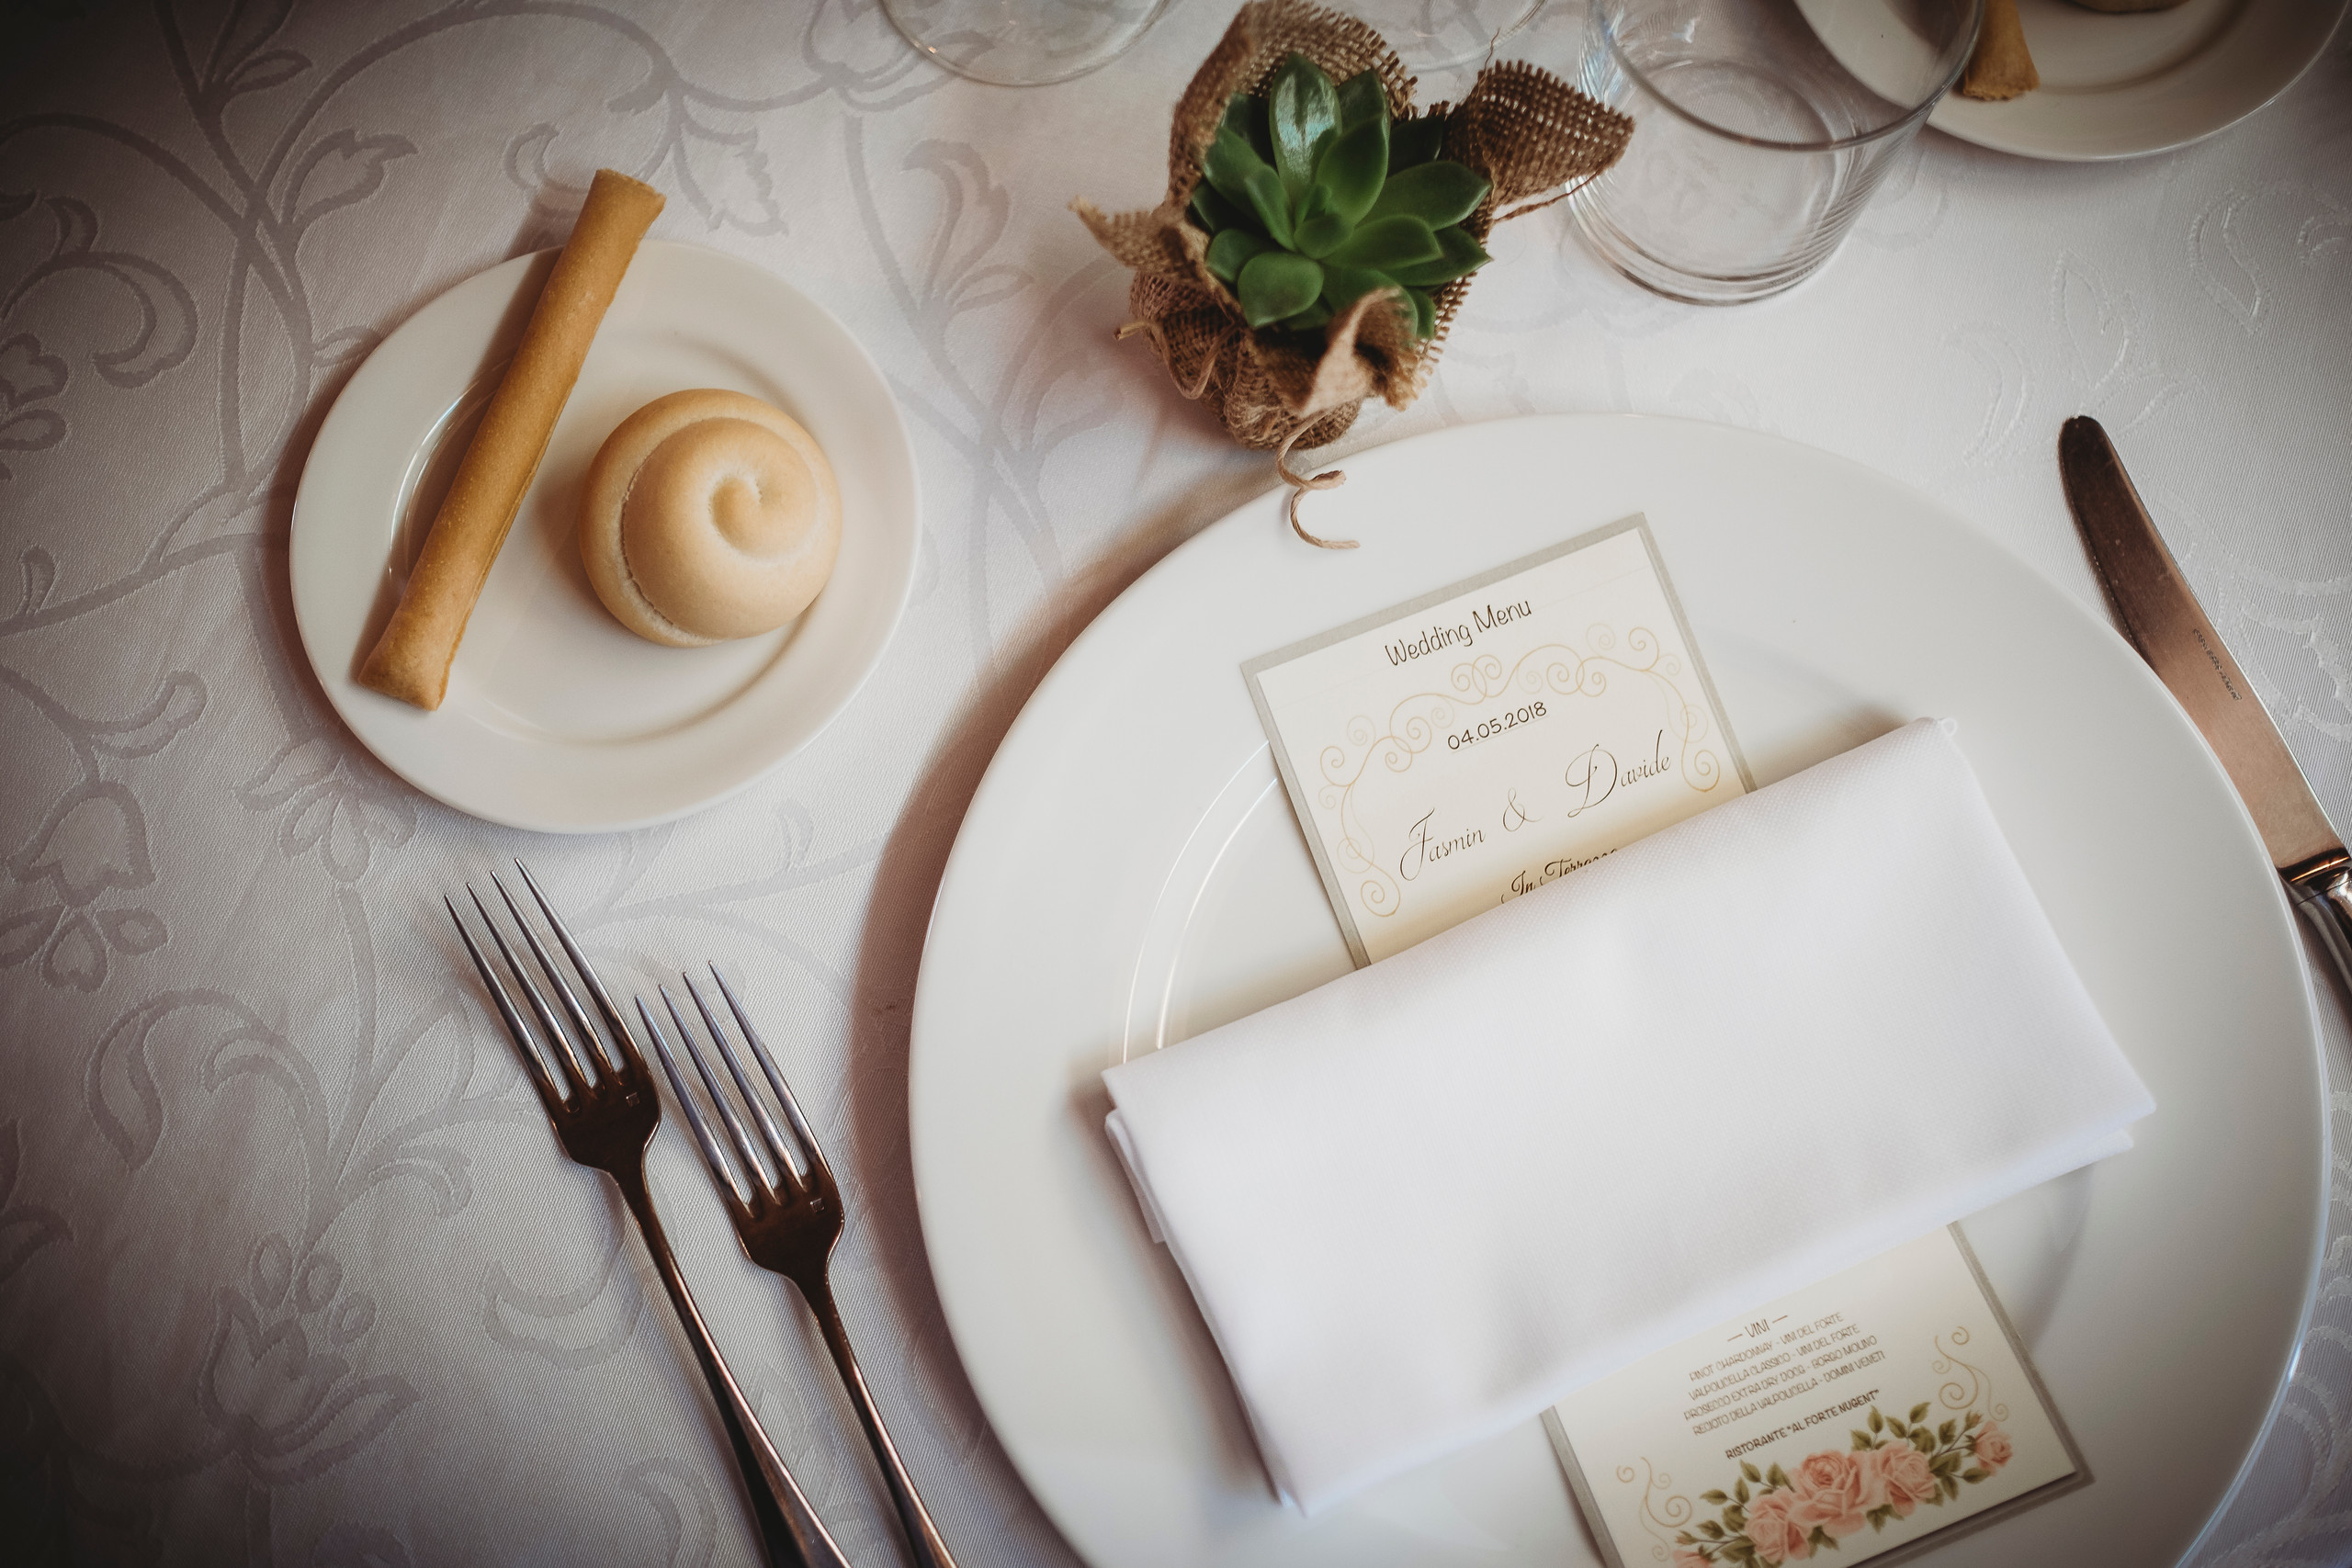 Italian-German wedding in Verona